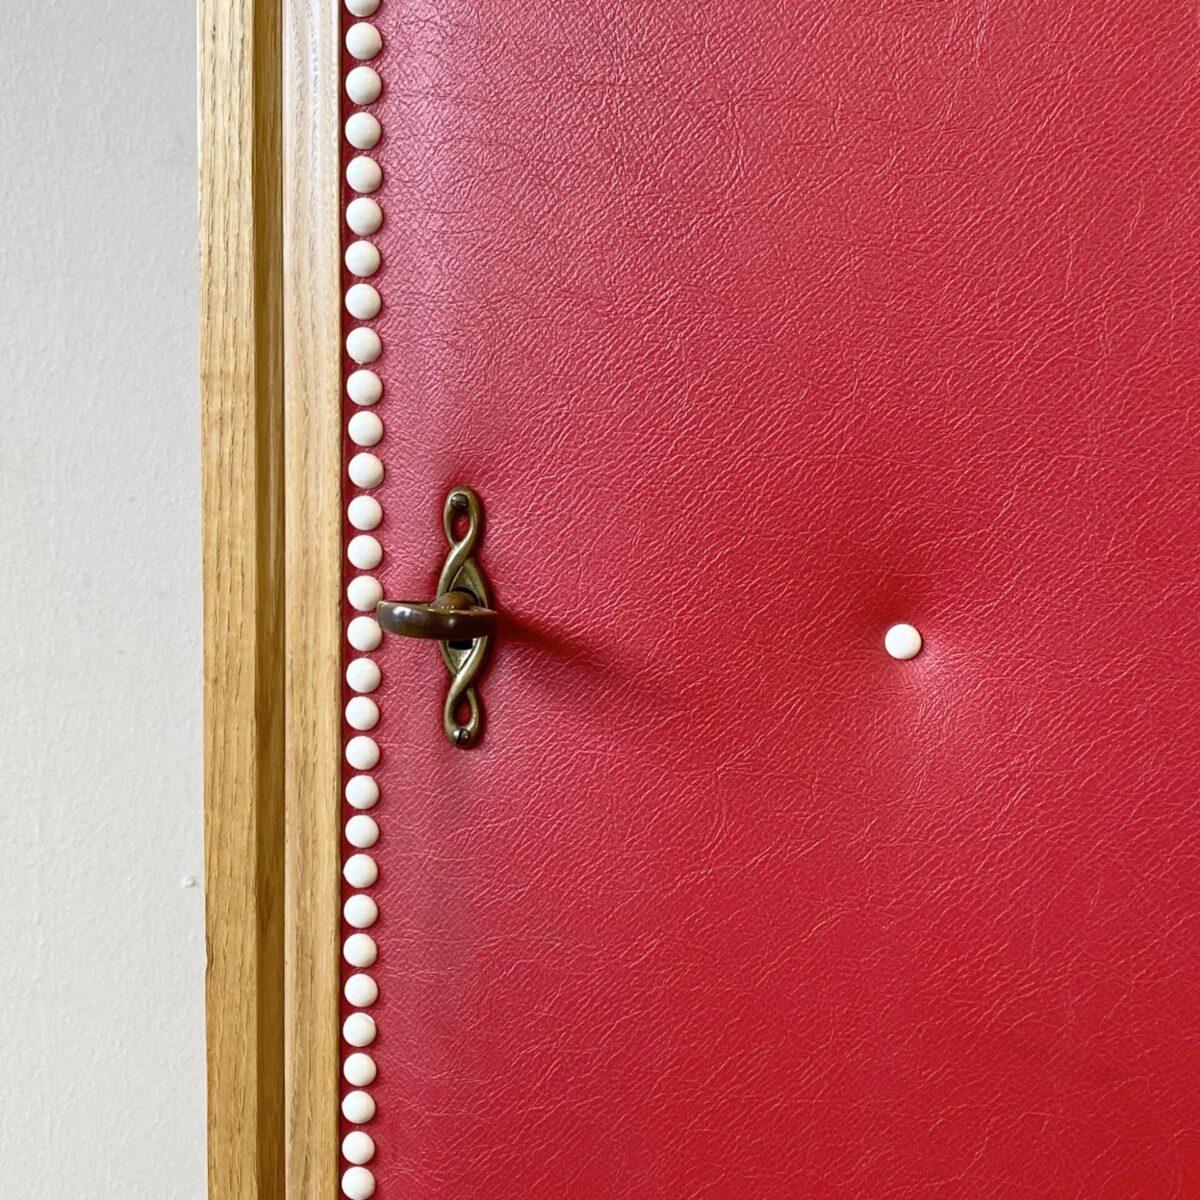 Deuxieme.shop vintage Kleiderschrank, kinderschrank. Kompakter Kleiderschrank mit rotem Kunstleder von Corta Multiform. 70x42cm Höhe 154cm. Der Schrank hat eine Metall Schiene für Kleiderbügel, ein anderer Innenausbau, zum Beispiel mit Tablaren, ist nach Absprache möglich.